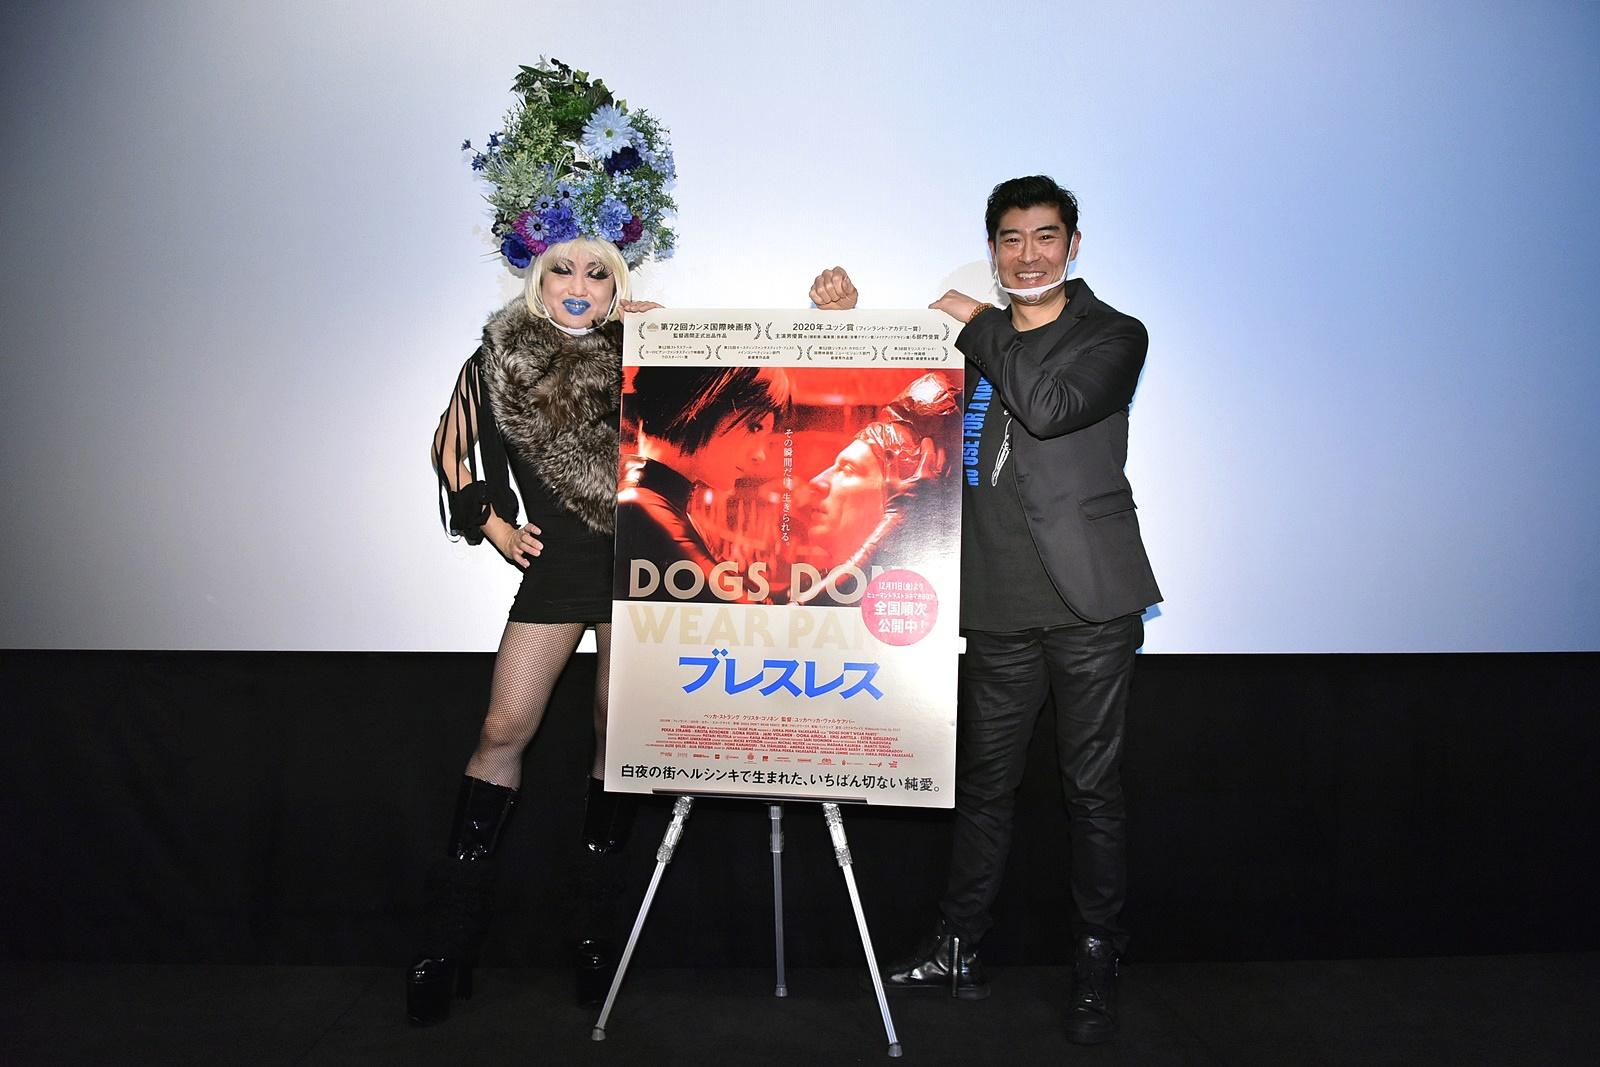 【写真】映画『ブレスレス』公開記念トークショー (髙嶋政宏&ヴィヴ ィアン佐藤)